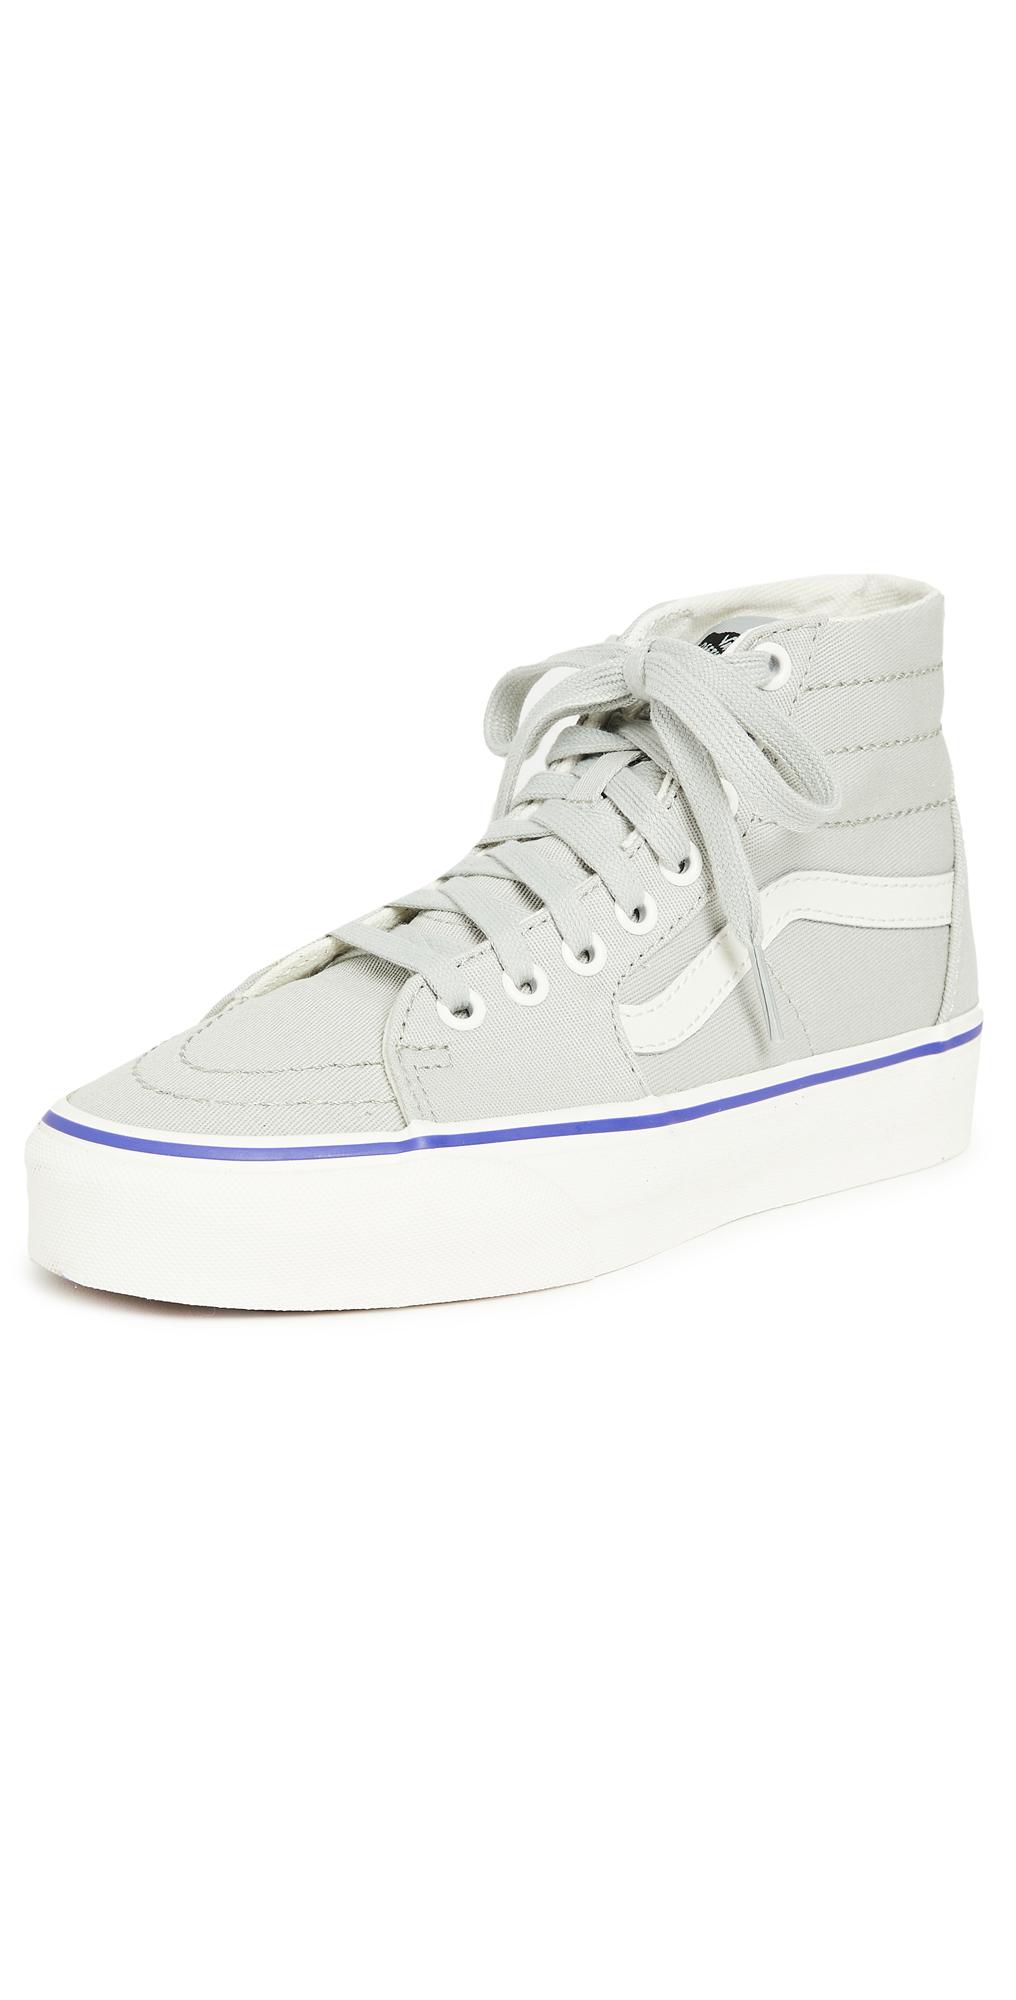 Vans Retro Cali Sk8-Hi Tapered Sneakers